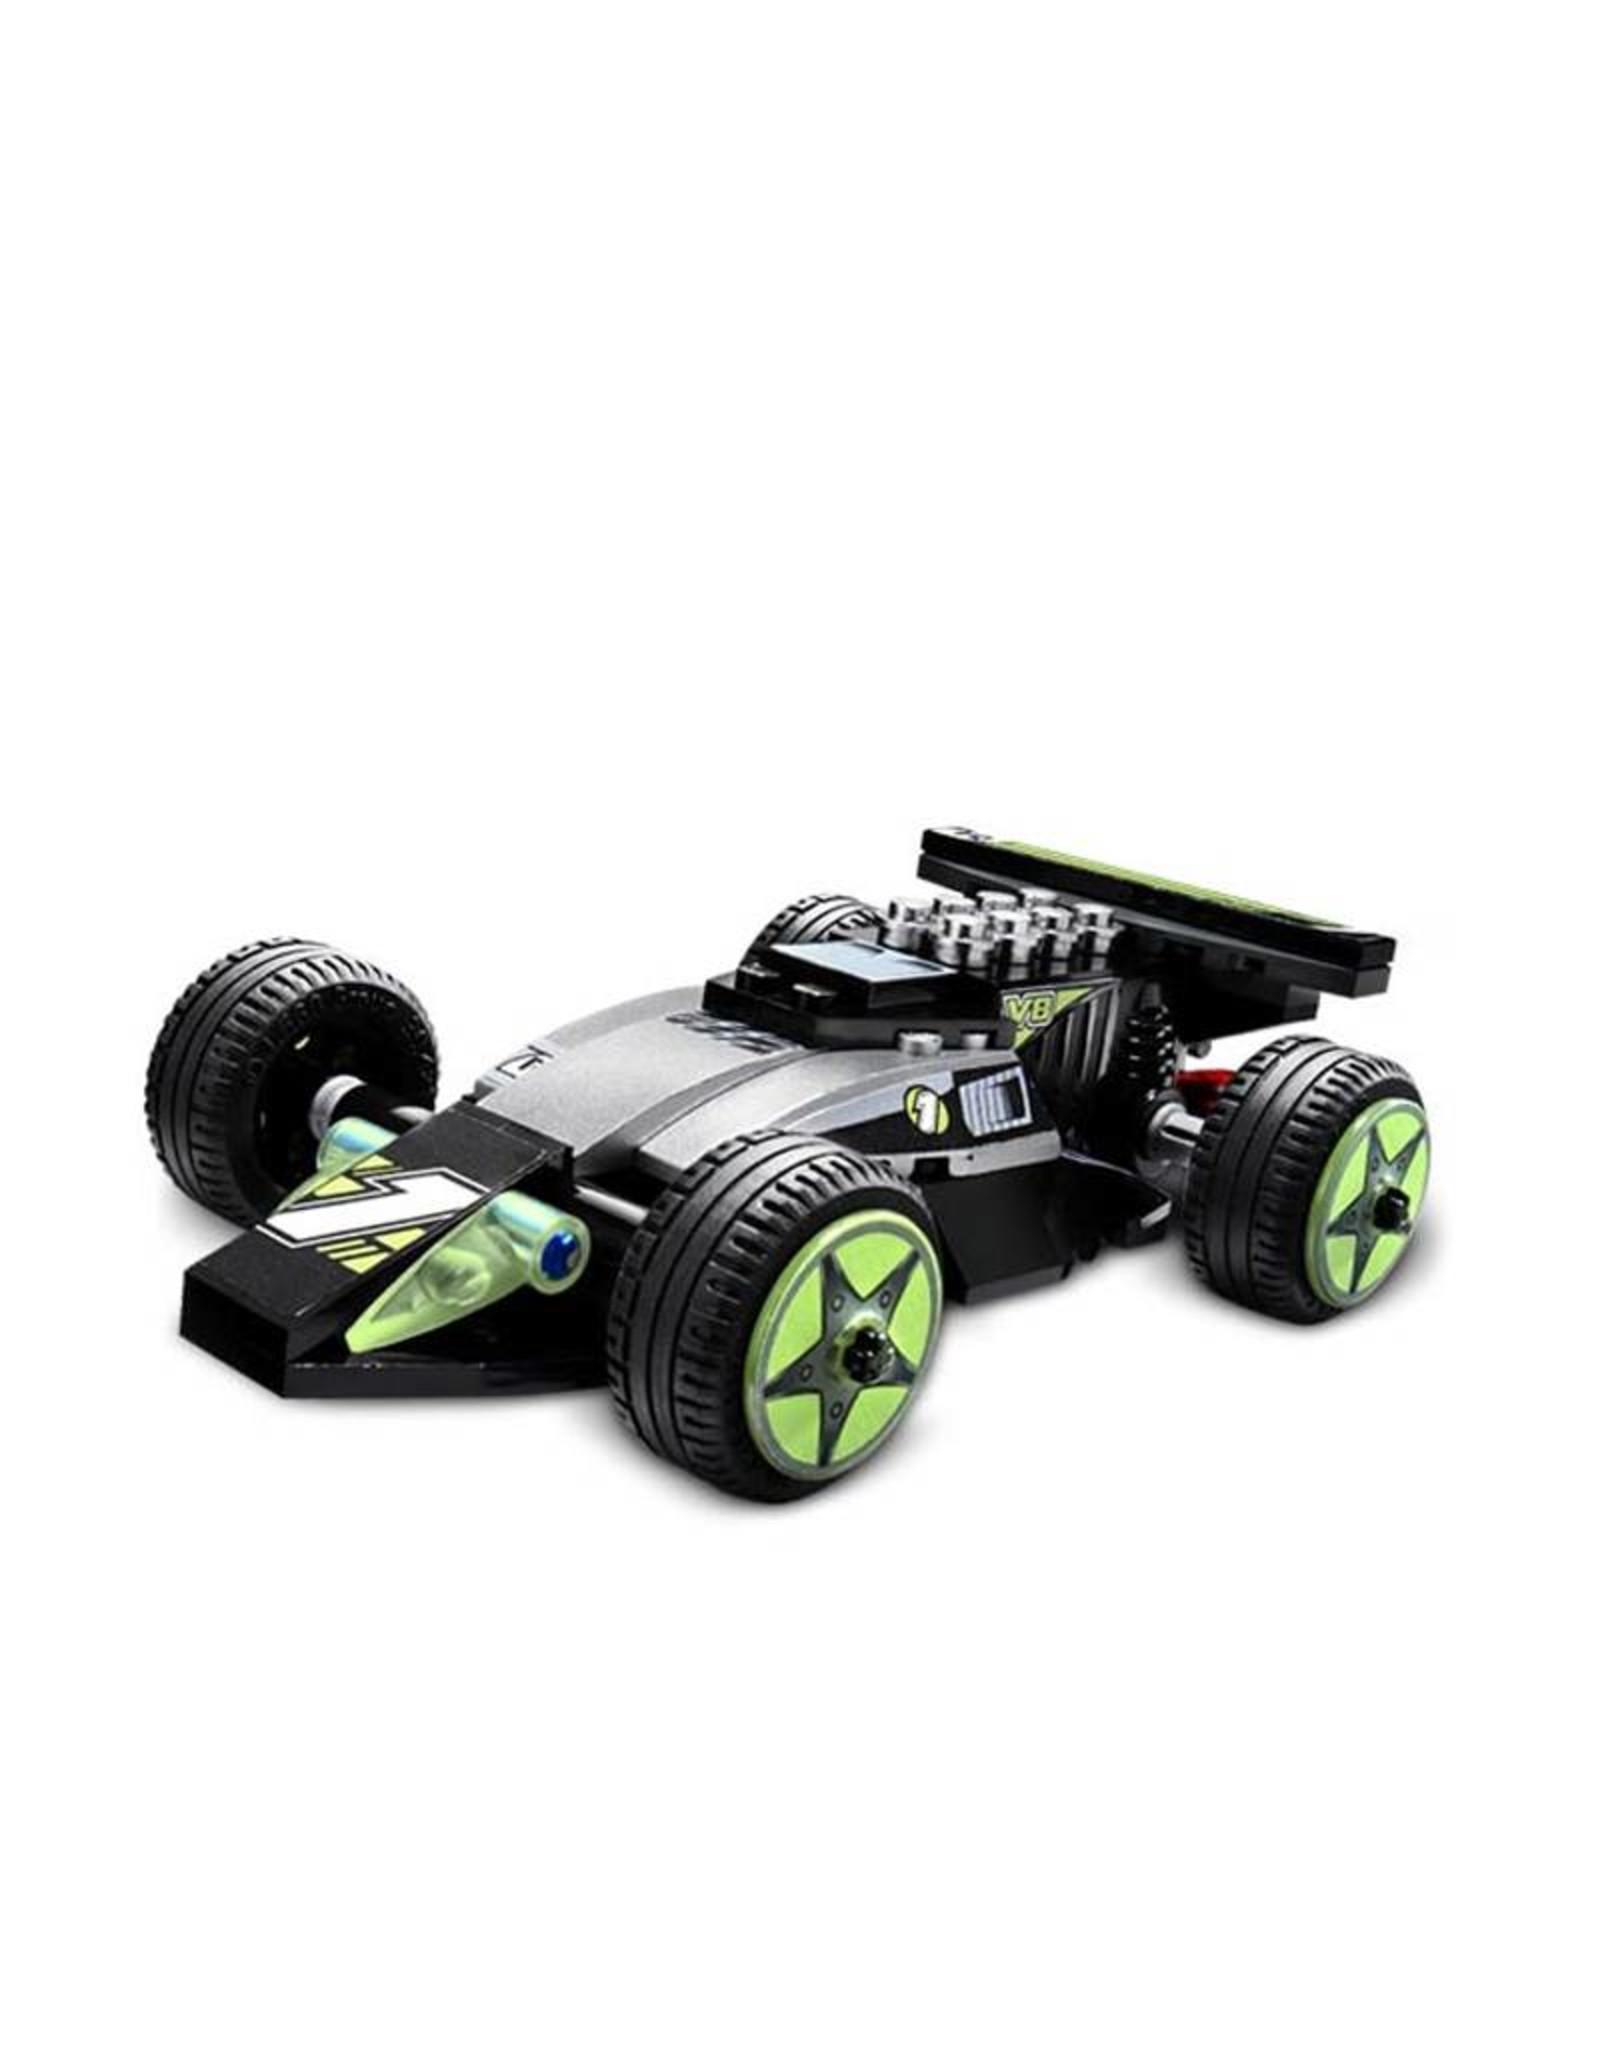 LEGO LEGO 8647 Night Racer RACERS